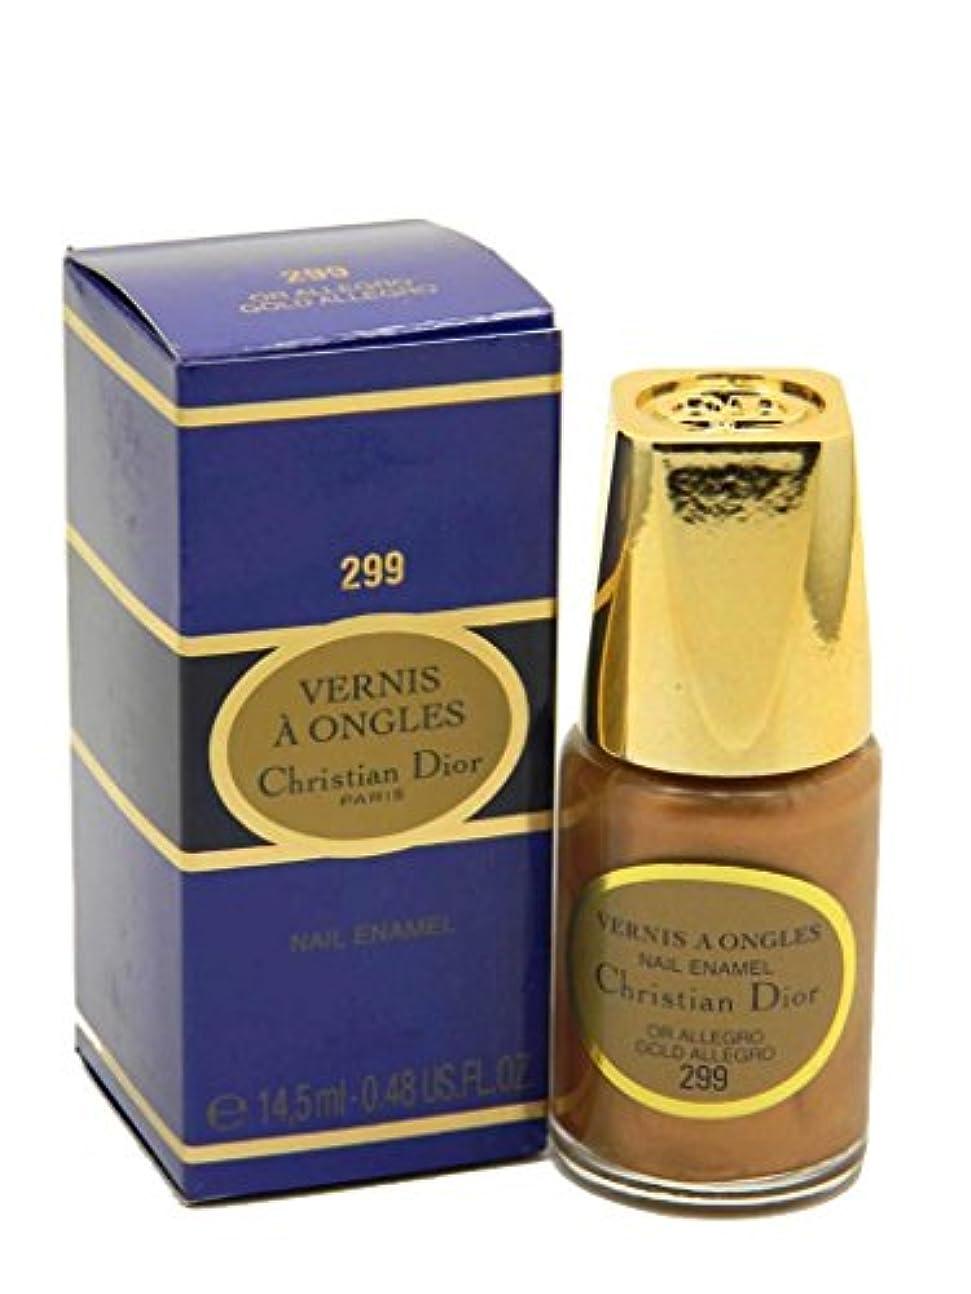 トーンアレルギー性州Dior Vernis A Ongles Nail Enamel Polish 299 Gold Allegro(ディオール ヴェルニ ア オングル ネイルエナメル ポリッシュ 299 ゴールドアレグロ) [並行輸入品]